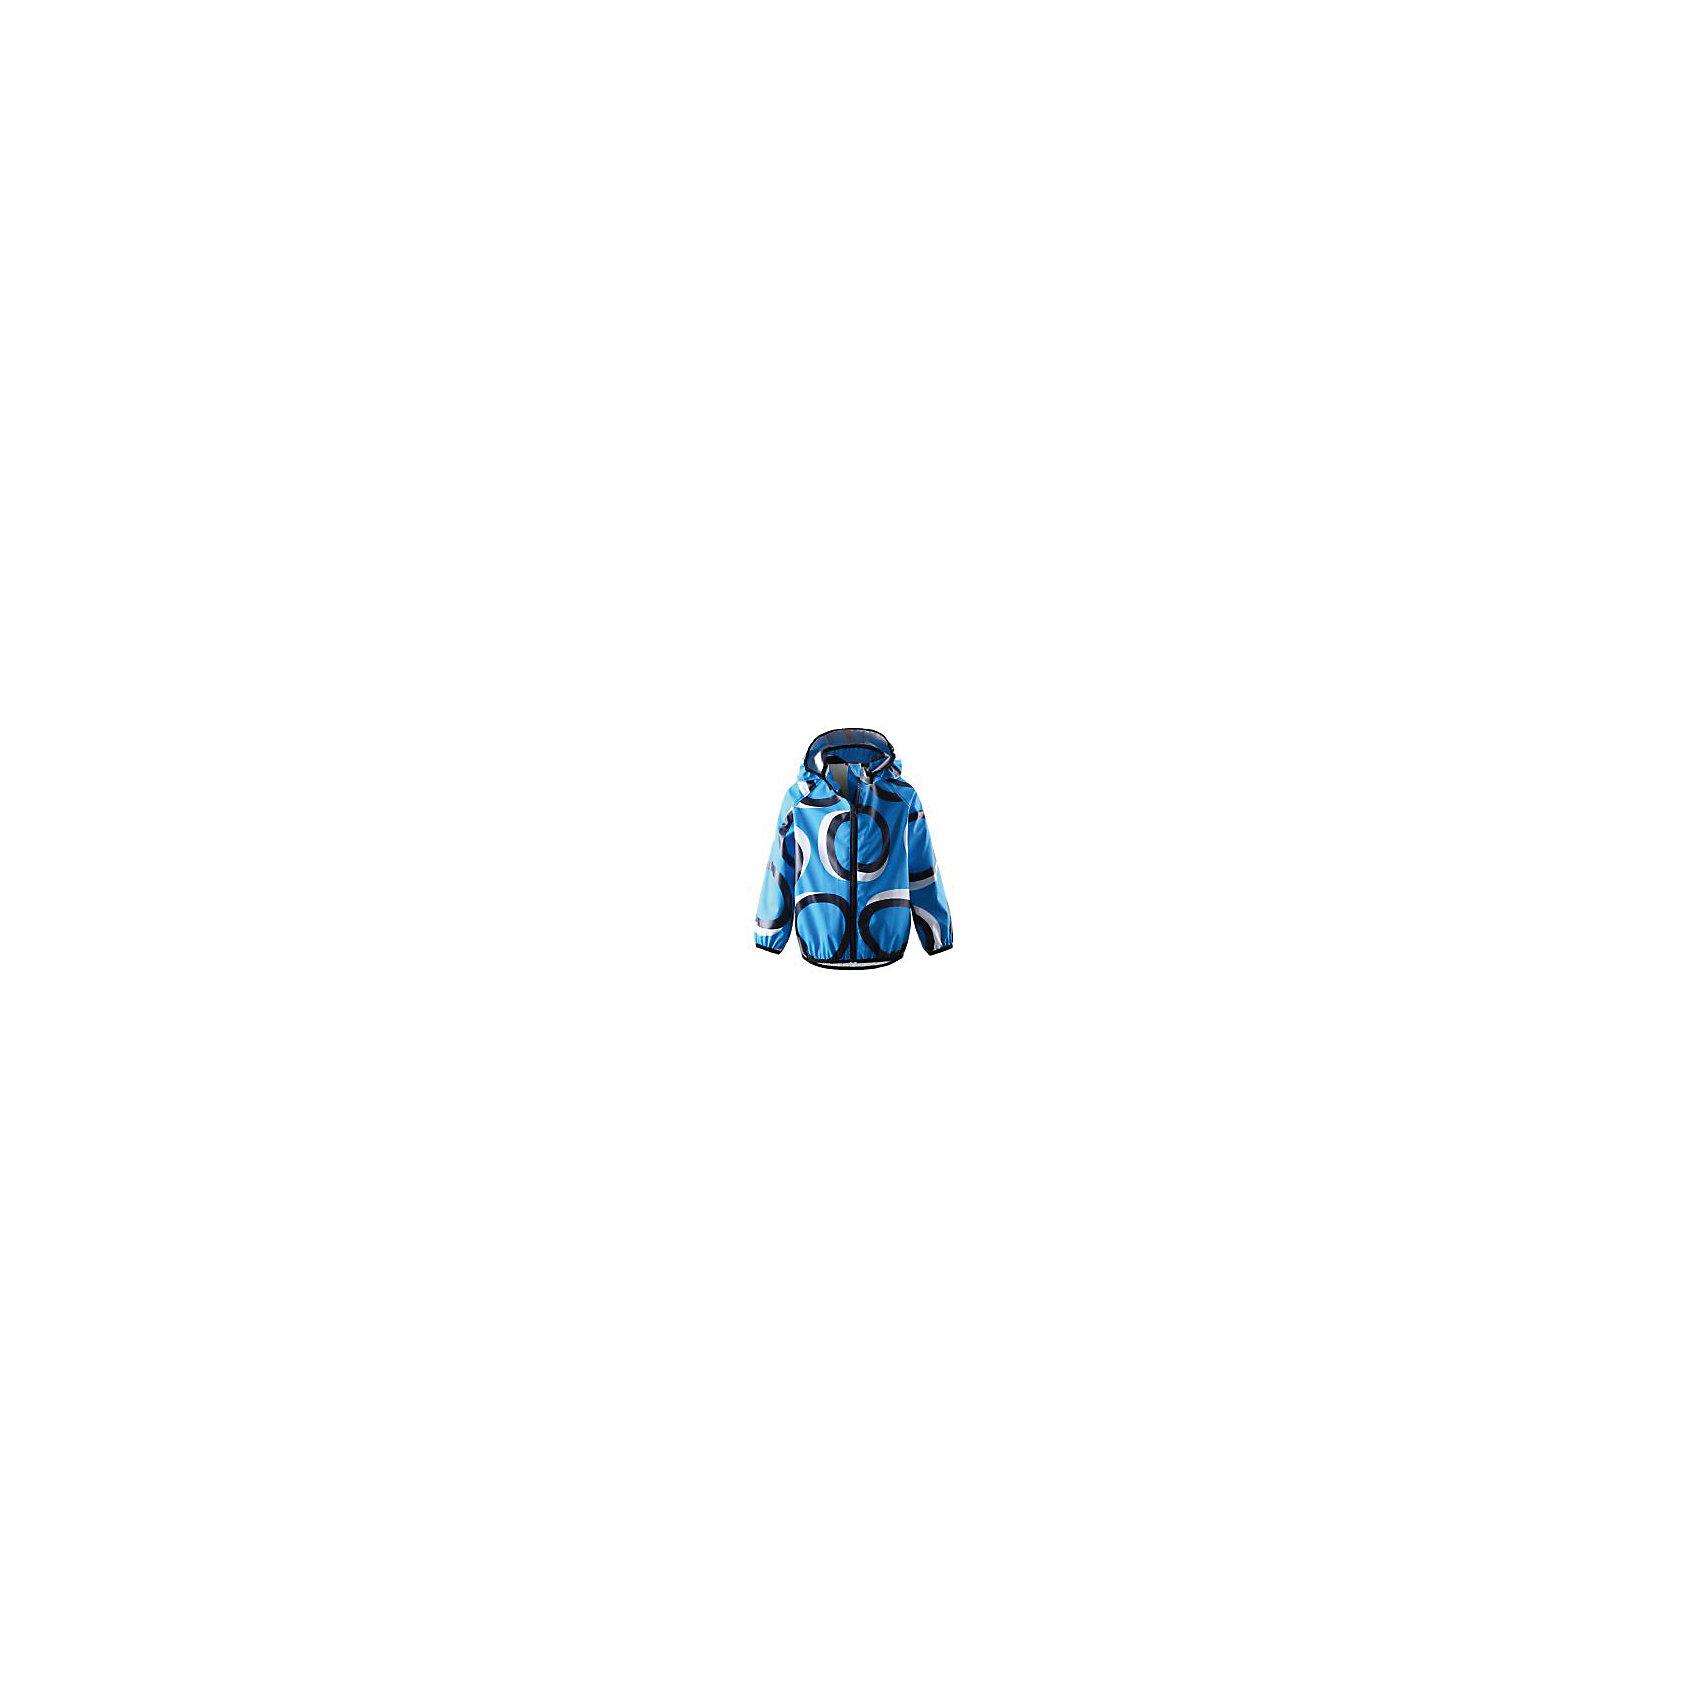 Плащ-дождевик ReimaКлассический плащ Reima® для малышей с фантастическими расцветками и рисунками. Безопасный, сертифицированный материал ?ko-Tex не содержит ПВХ. Гибкий, но износостойкий материал не «деревенеет» на морозе, поэтому плащ идеально подходит для использования круглый год, нужно только добавить слои Reima  под низ для дополнительного тепла. Съемный капюшон обеспечит безопасность во время игр на воздухе, и защитит от ливня и пронизывающего ветра.<br>#Куртка-дождевик для детей#Запаянные швы, не пропускающие влагу#Эластичный материал#Безопасный, съемный капюшон#Эластичные манжеты и подол#Молния спереди<br>Состав:<br>100% ПЭ, ПУ-покрытие<br>Уход:<br>Стирать по отдельности, вывернув наизнанку. Стирать моющим средством, не содержащим отбеливающие вещества. Полоскать без специального средства. Во избежание изменения цвета изделие необходимо вынуть из стиральной машинки незамедлительно после окончания программы стирки. Сушить при низкой температуре.<br><br>Ширина мм: 356<br>Глубина мм: 10<br>Высота мм: 245<br>Вес г: 519<br>Цвет: синий<br>Возраст от месяцев: 108<br>Возраст до месяцев: 120<br>Пол: Унисекс<br>Возраст: Детский<br>Размер: 140,116,134<br>SKU: 4755829